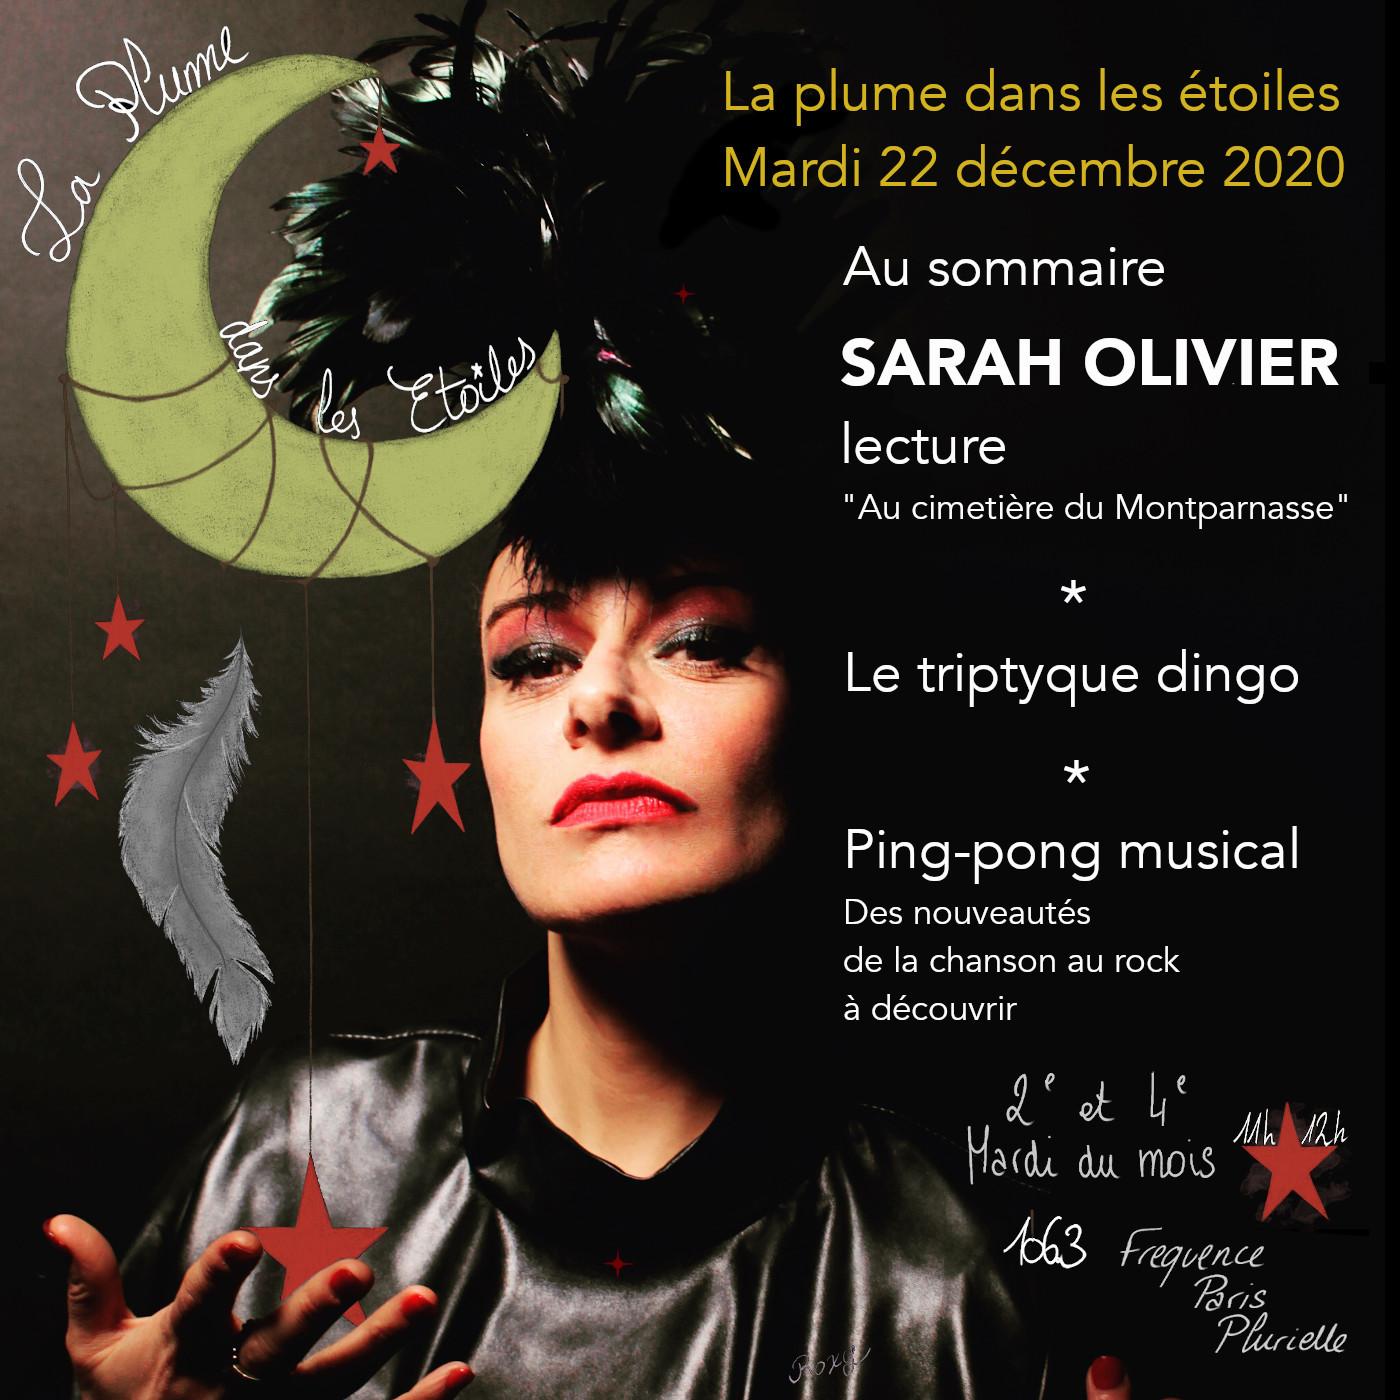 La Plume dans les Étoiles # 20 // Lecture - Sarah Olivier + Ping pong musical